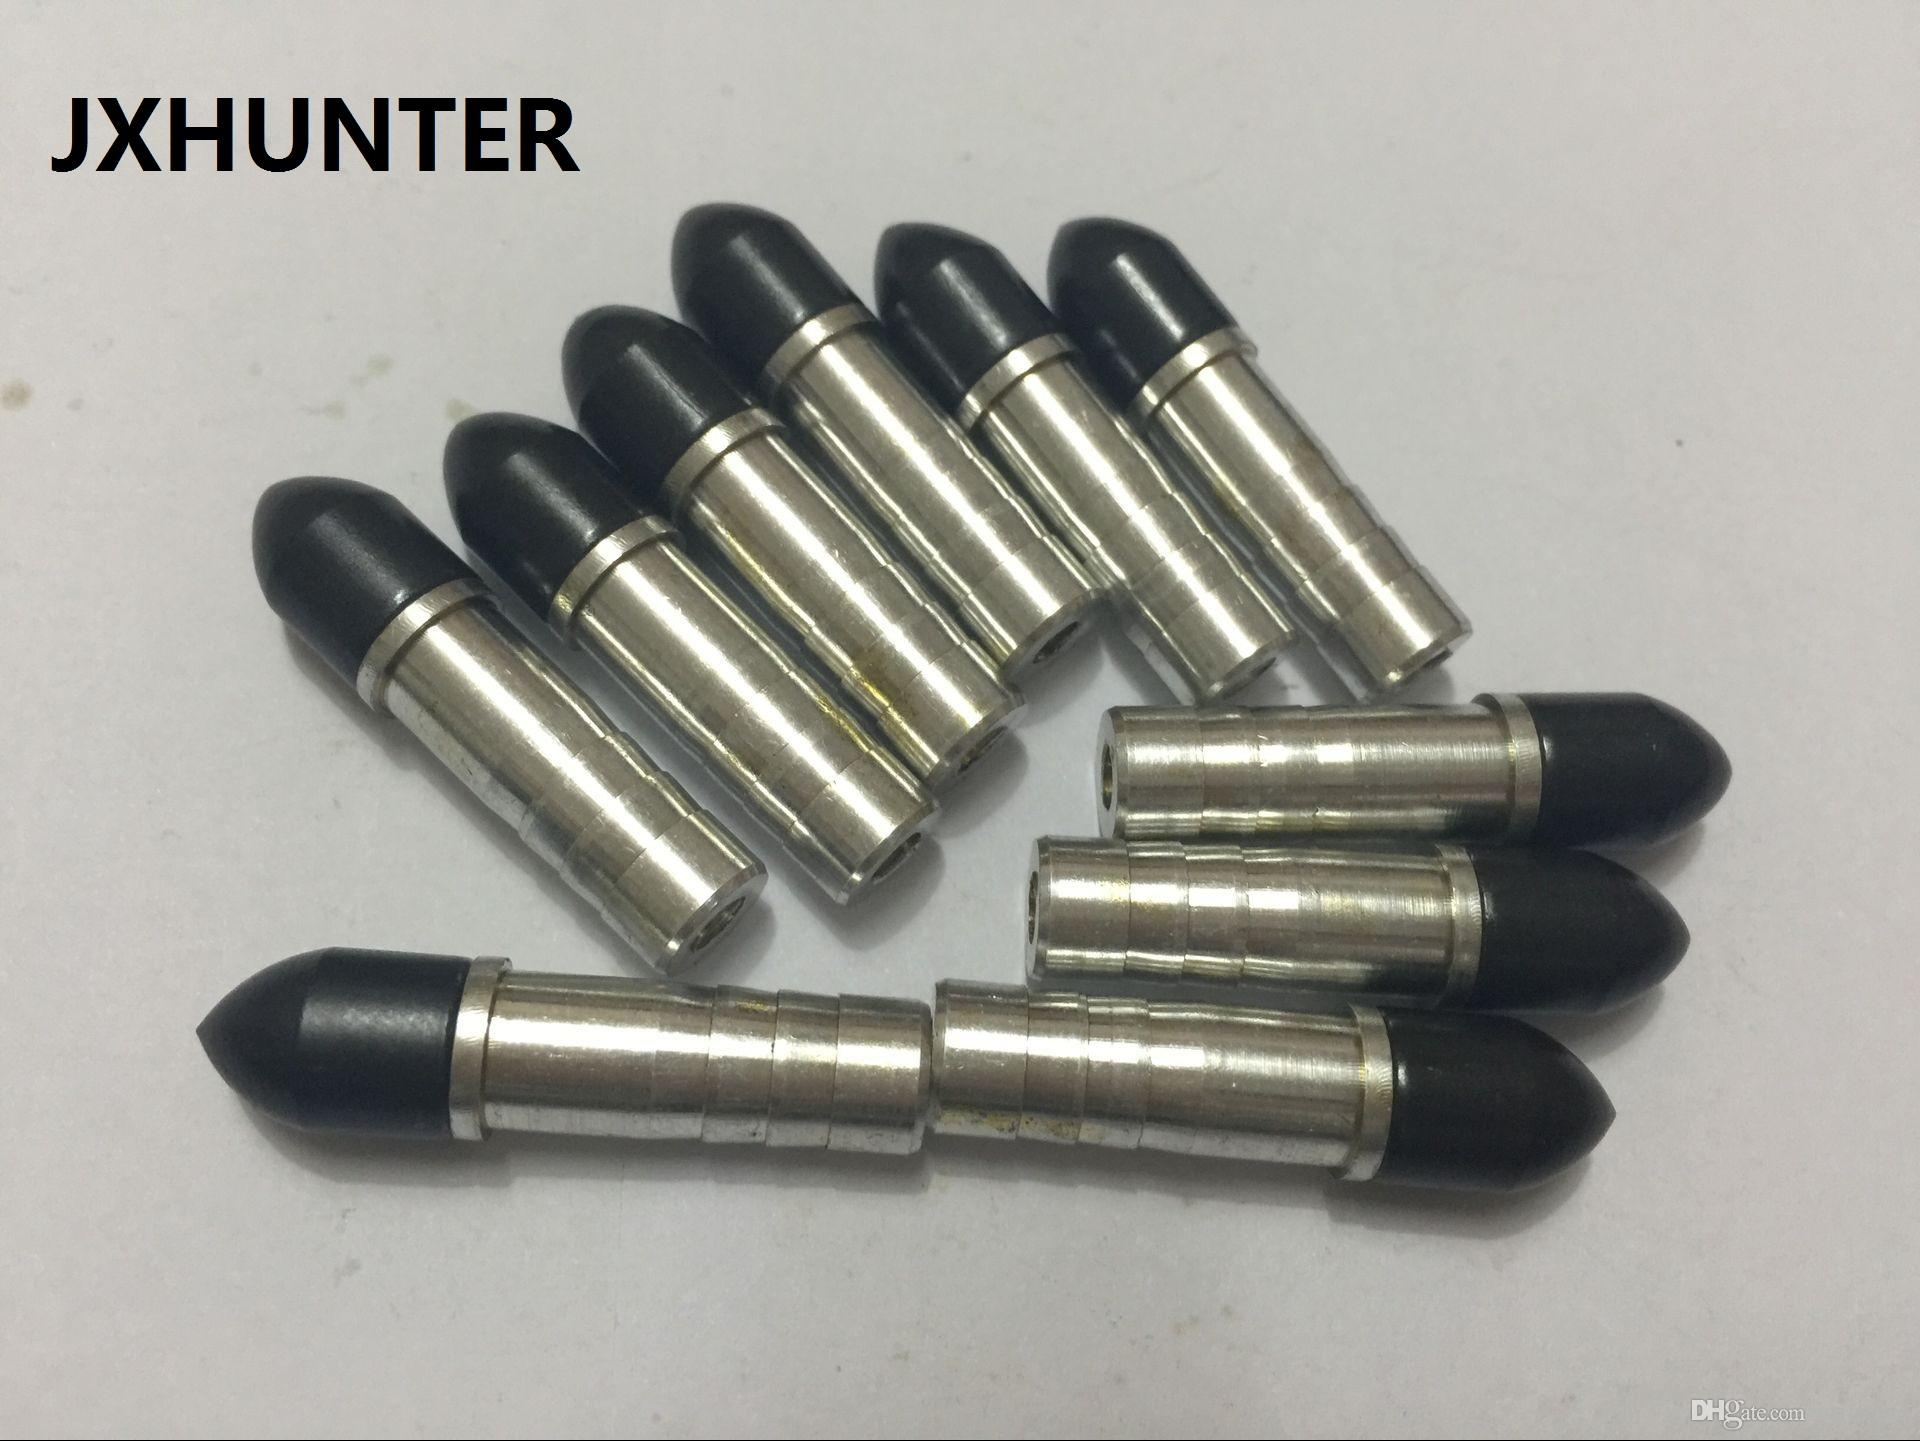 50 jeux Point de champ de flèche avec arbalète avec insert de flèche en aluminium pour tir à la chasse OD 7.6mm